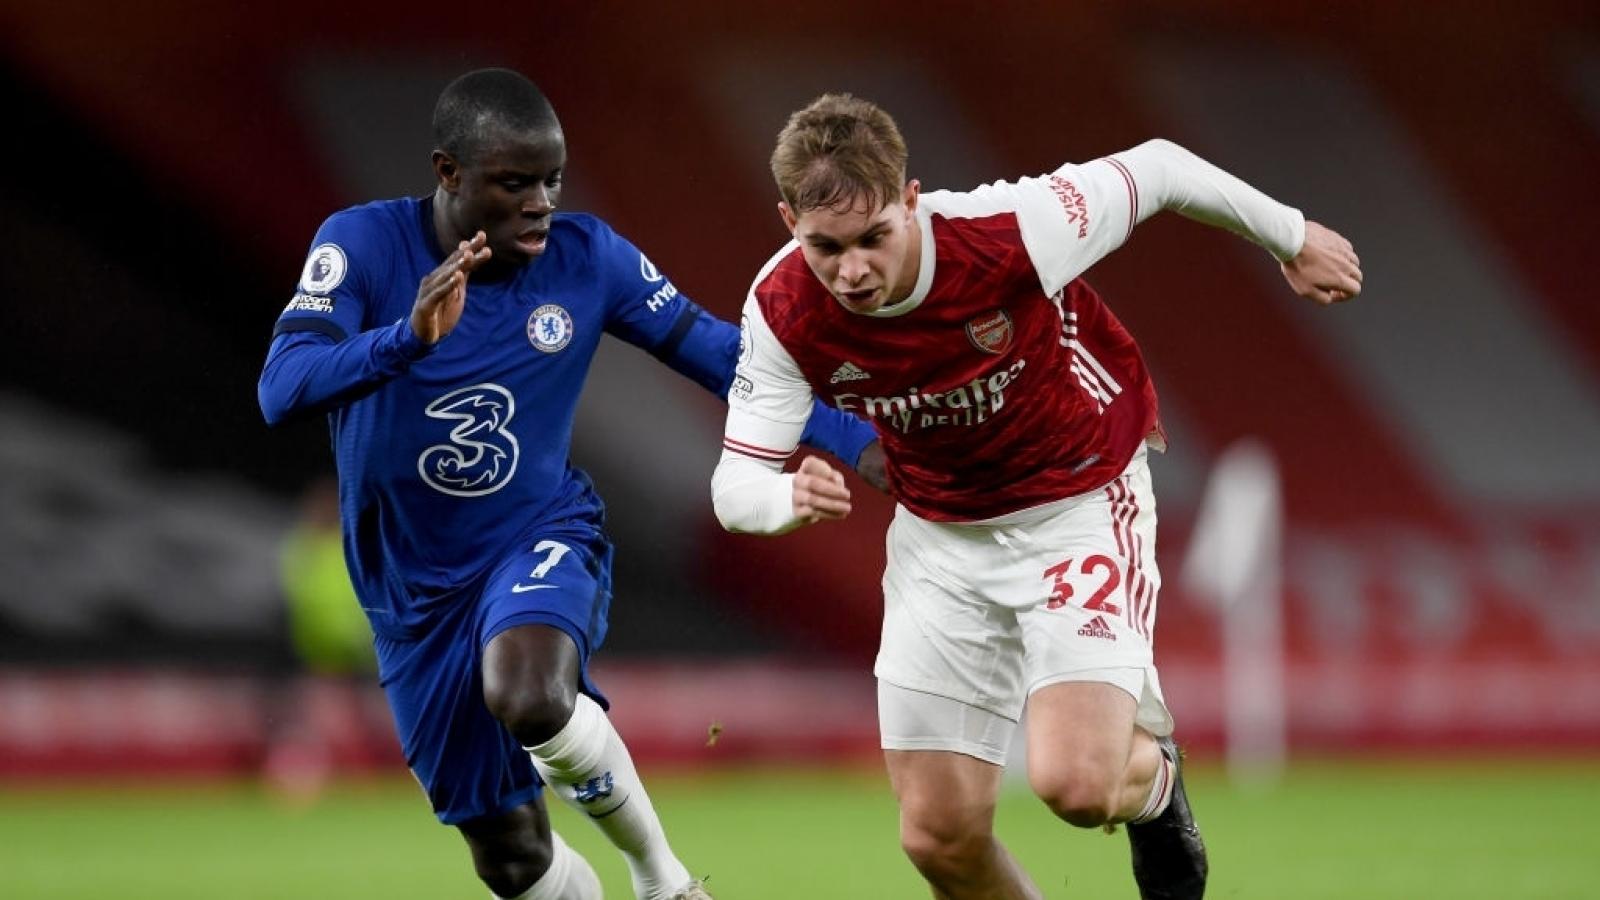 Lịch thi đấu bóng đá hôm nay 12/5: Chelsea đại chiến Arsenal